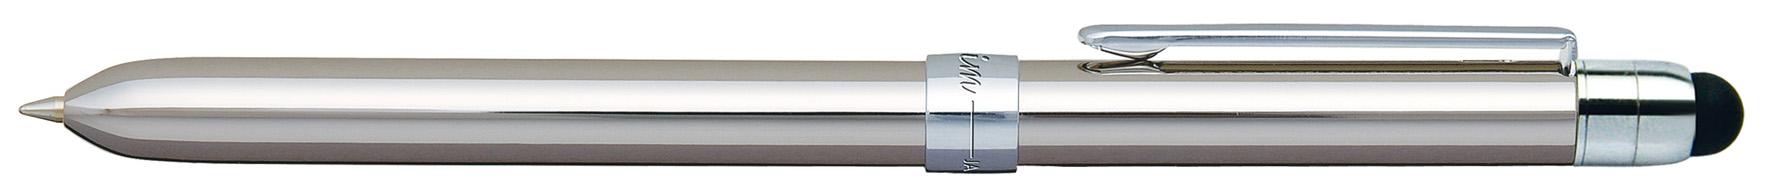 Pix Multifunctional De Lux Penac Slim  In Cutie Cadou  Corp Argintiu - Accesorii Argintii